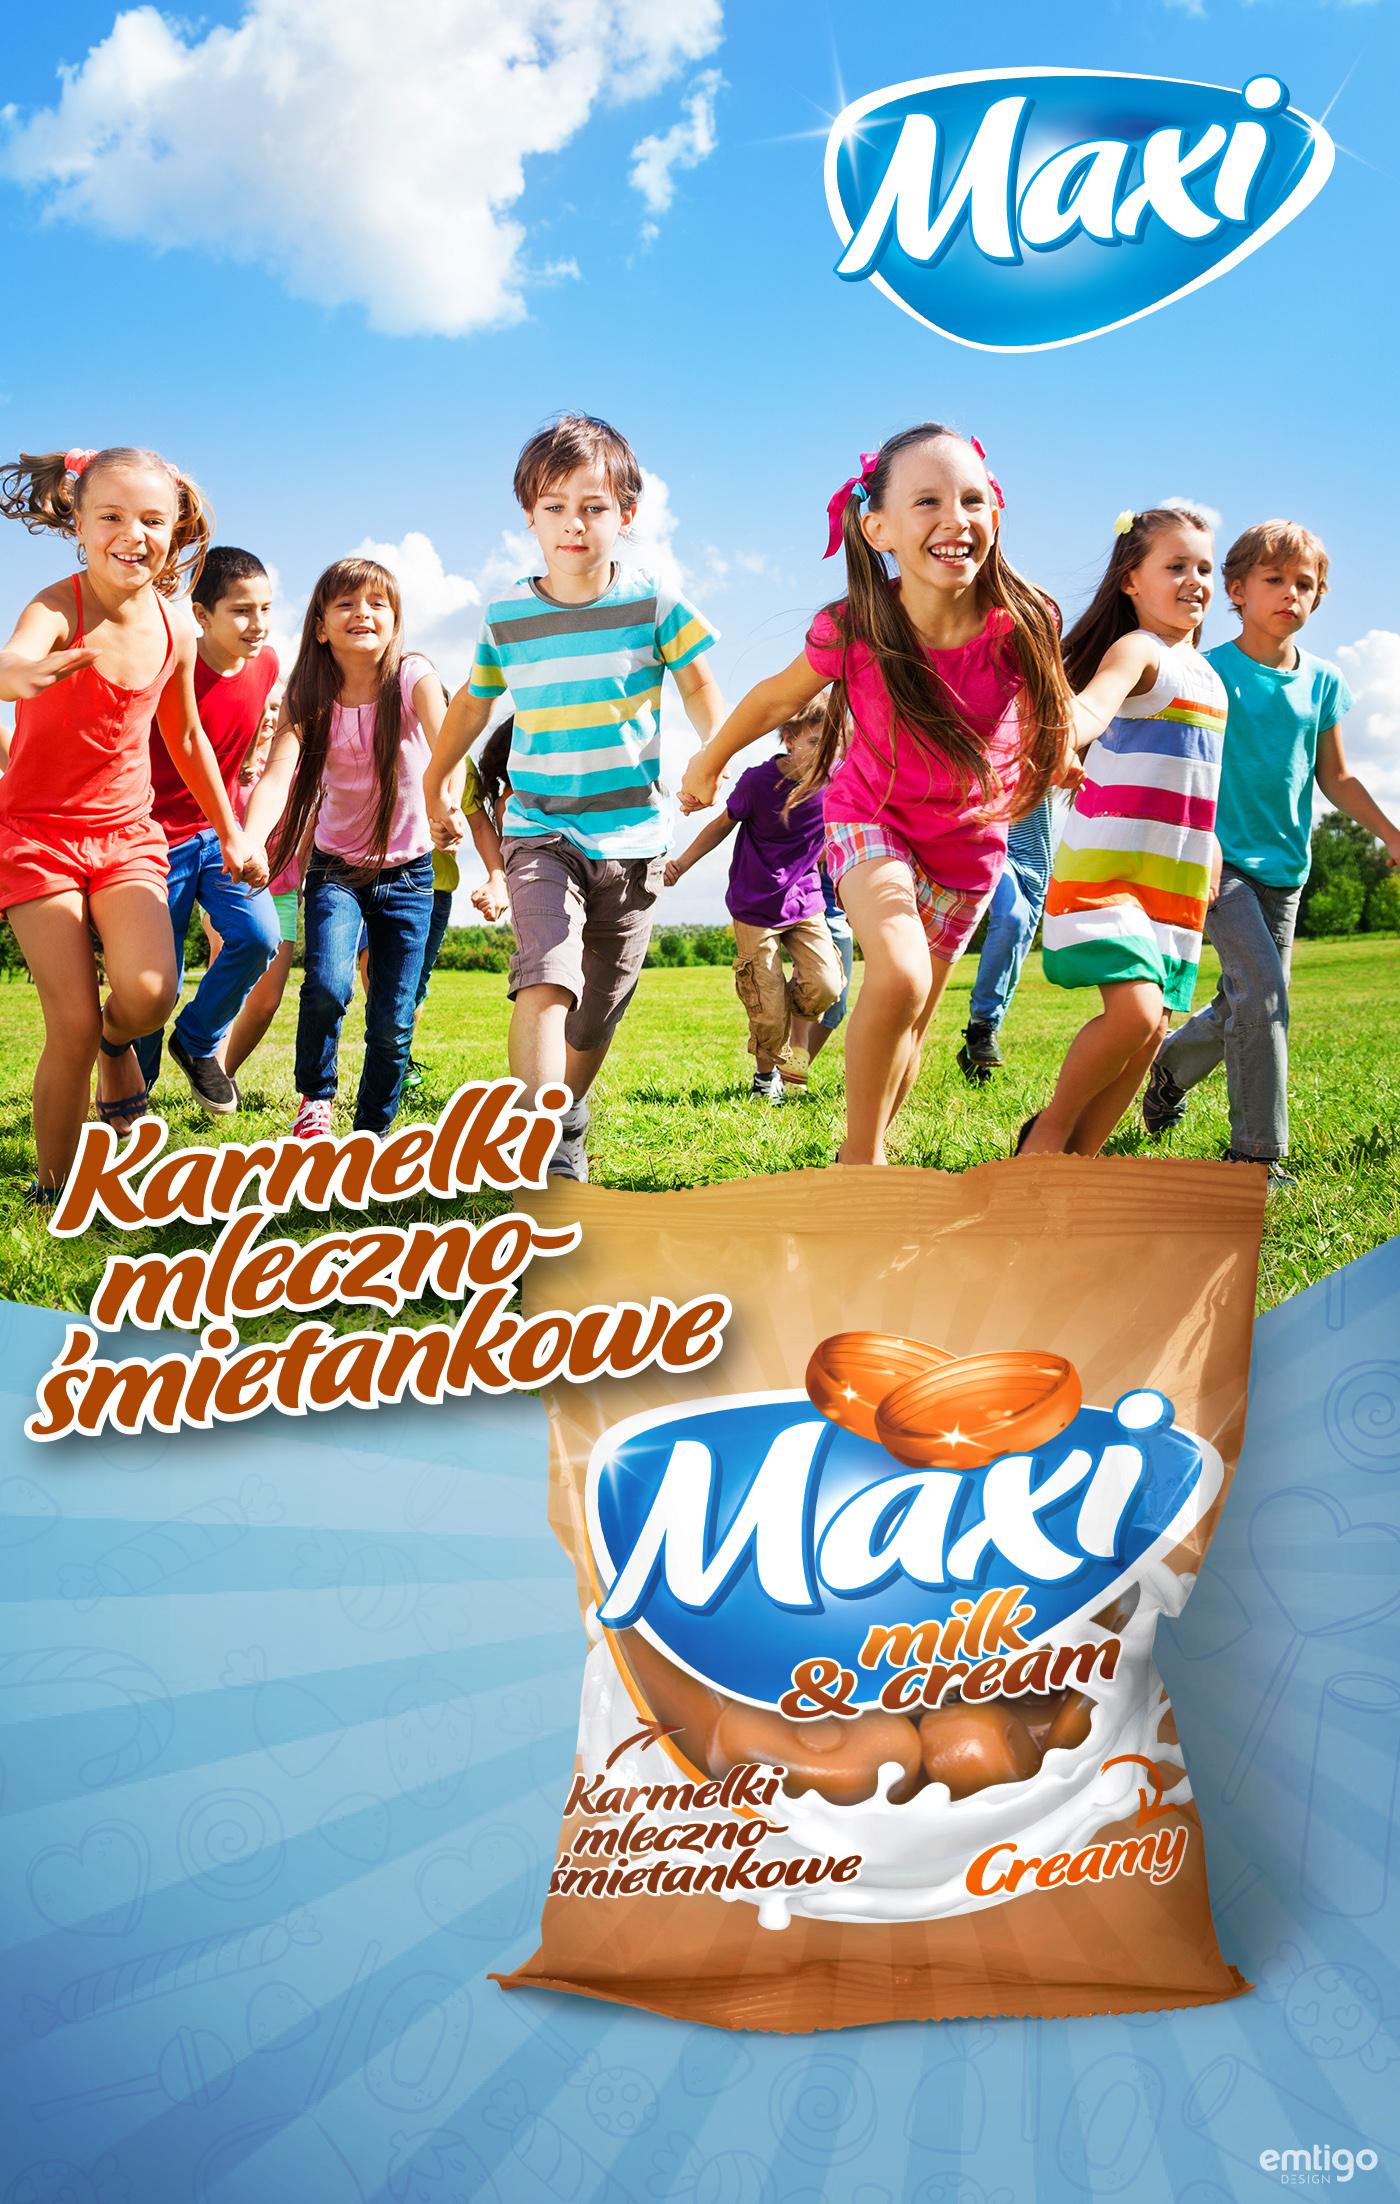 opakowanie - maxi - karwit